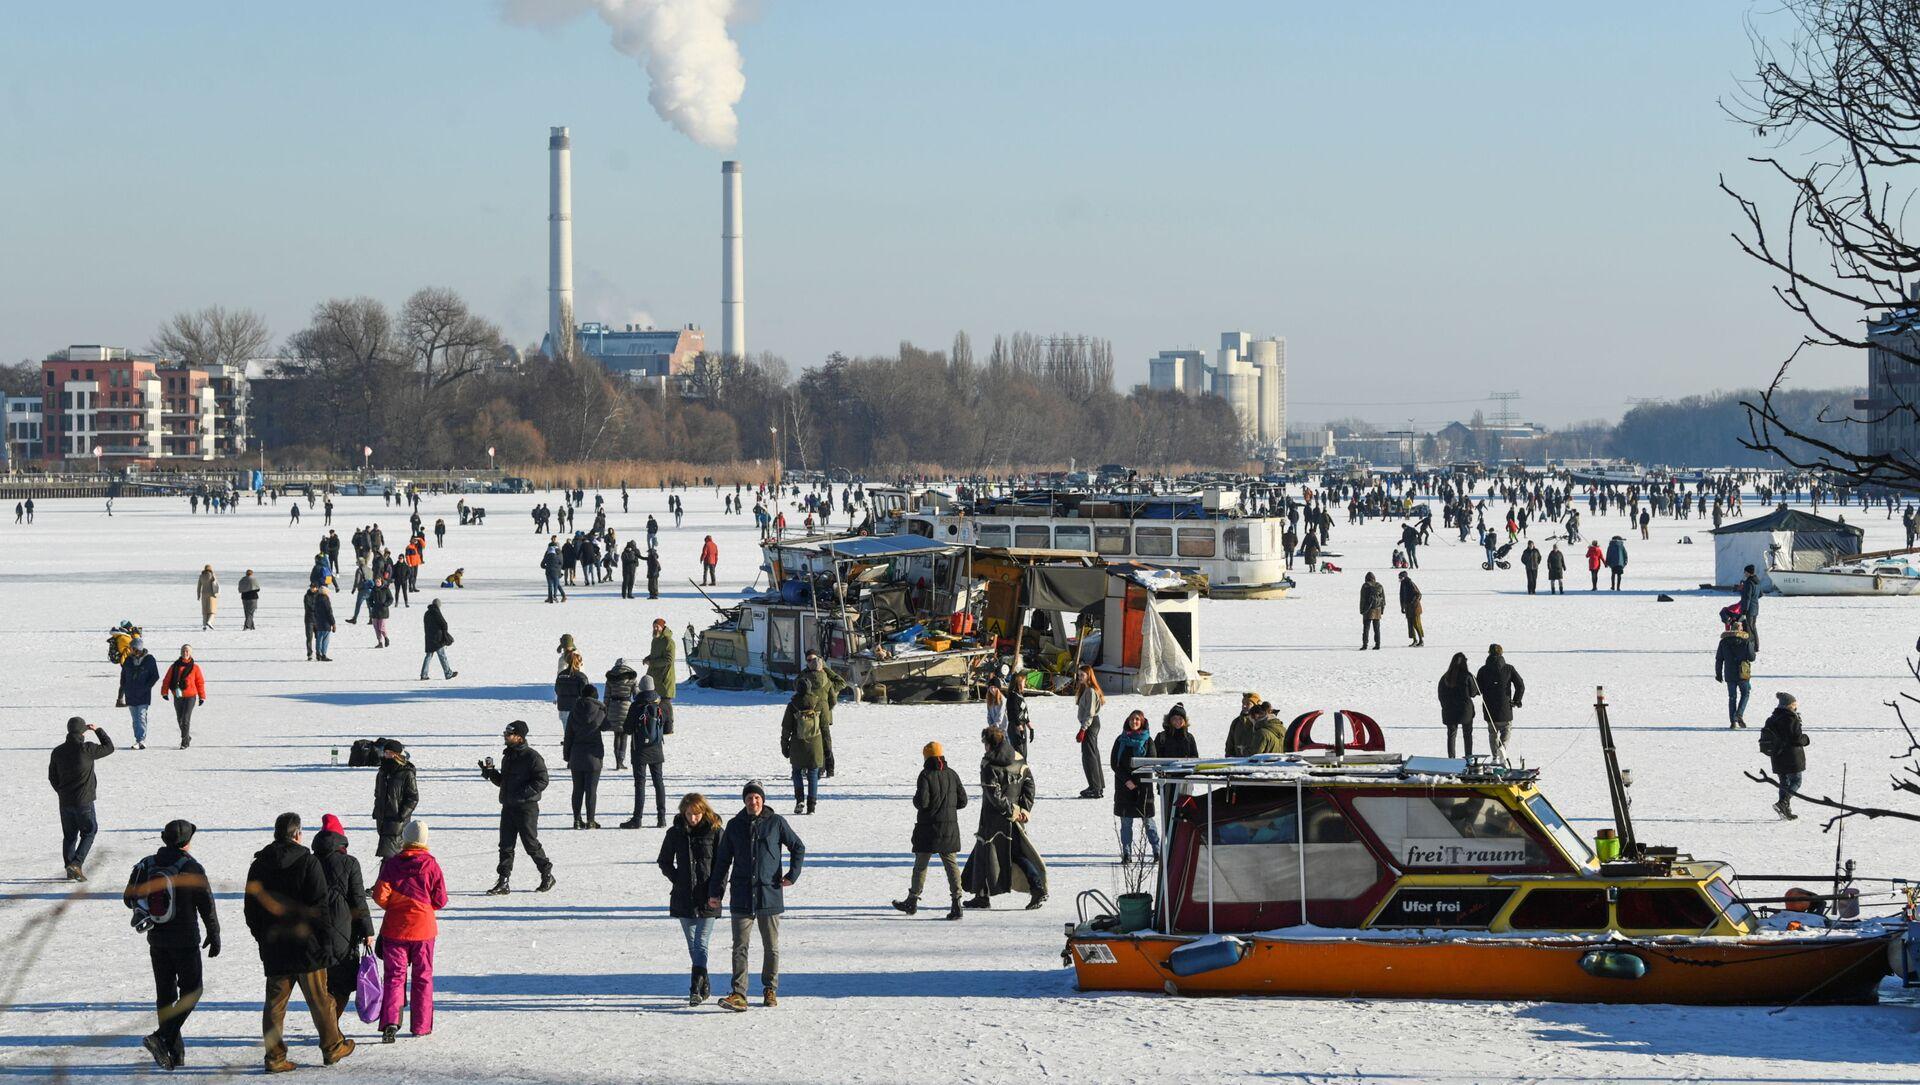 Mroźny zimowy dzień w Berlinie - Sputnik Polska, 1920, 15.02.2021